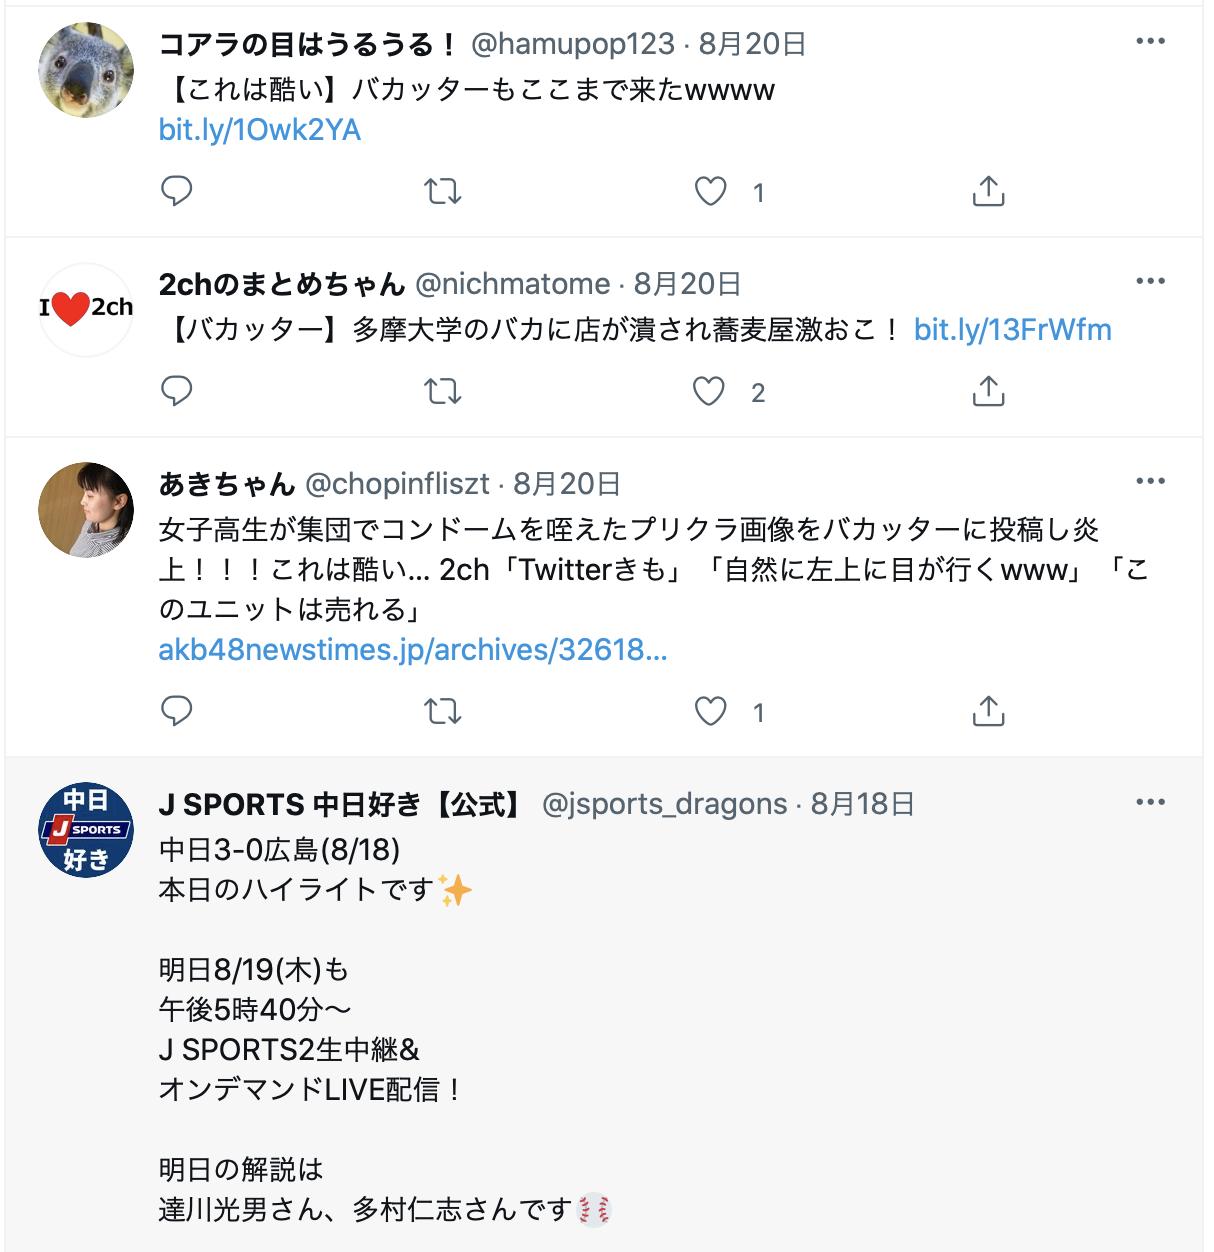 五十嵐剛 佐藤貴大 乗っ取り Twitter